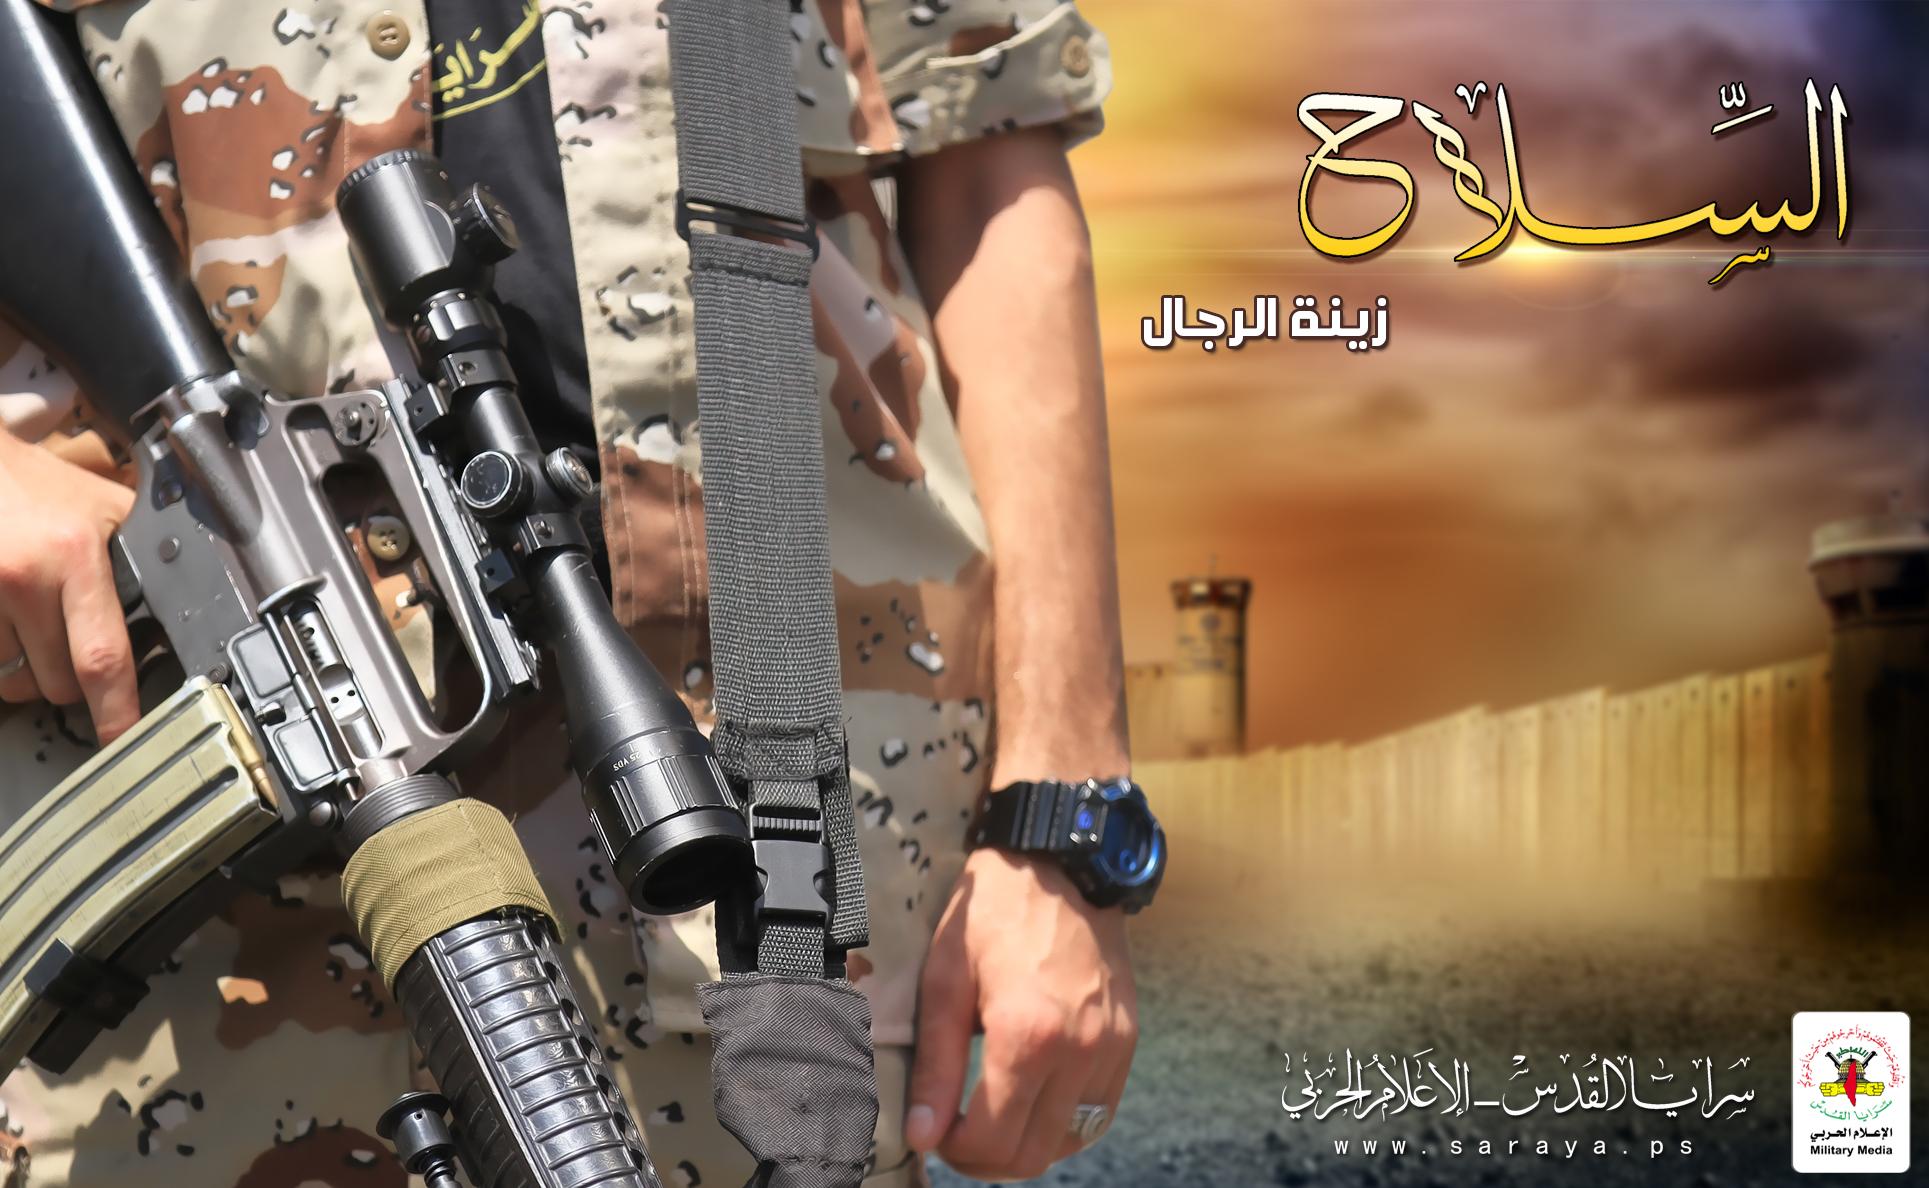 السلاح زينة الرجال